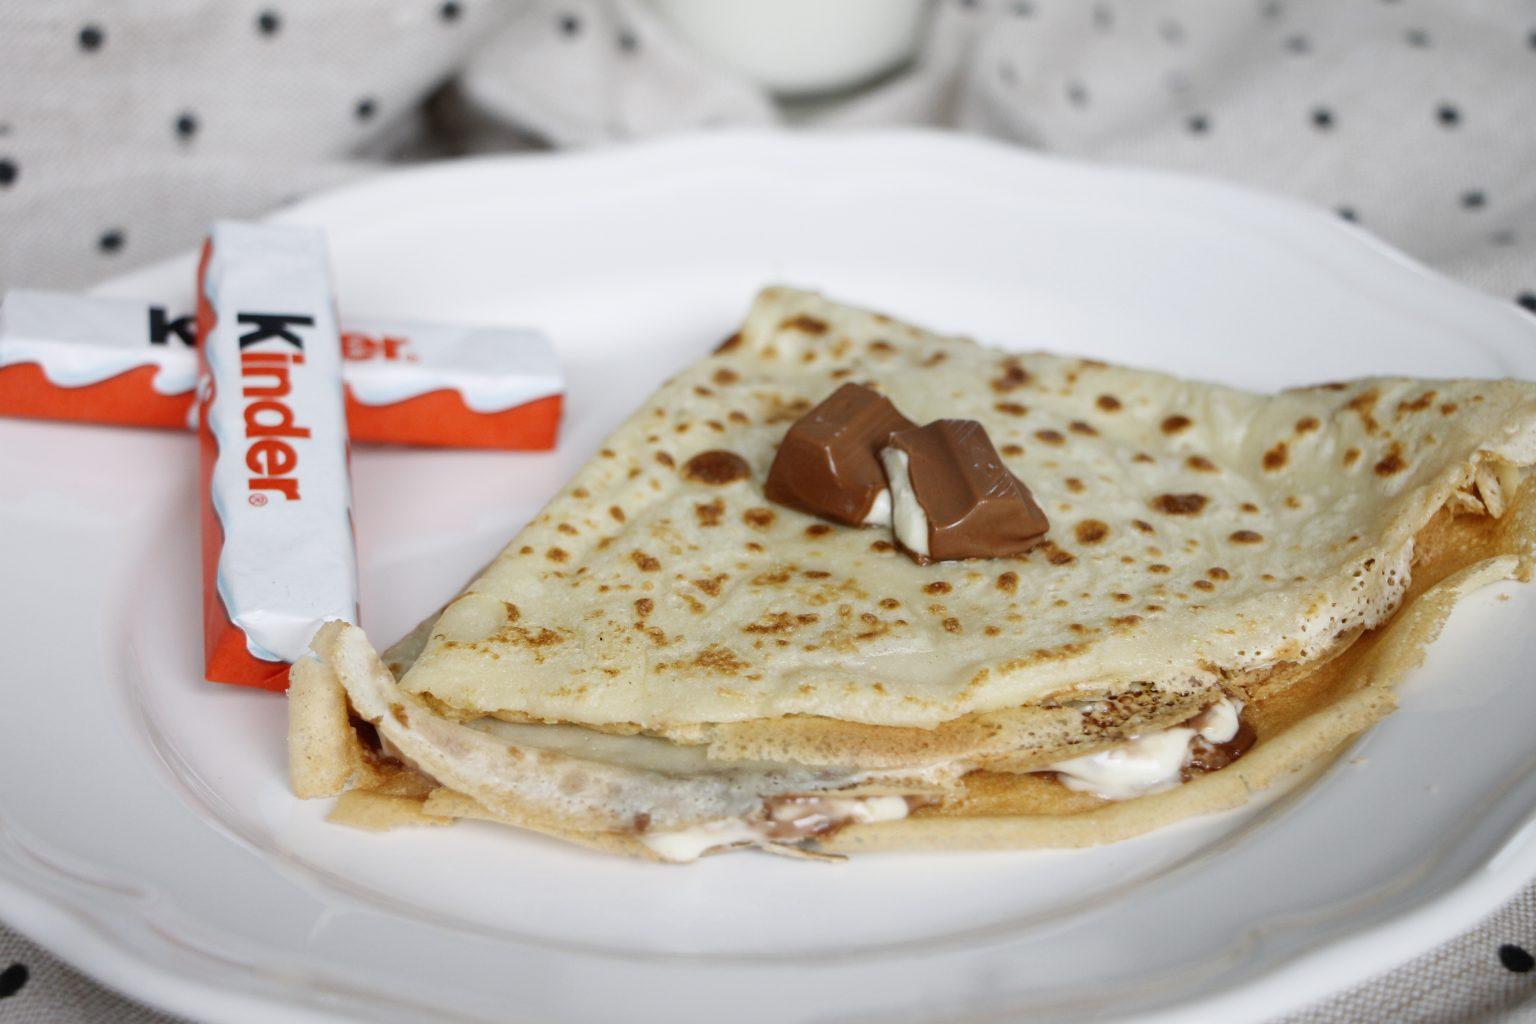 Kinderschokolade Rezept - Crêpes mit kinder Schokolade